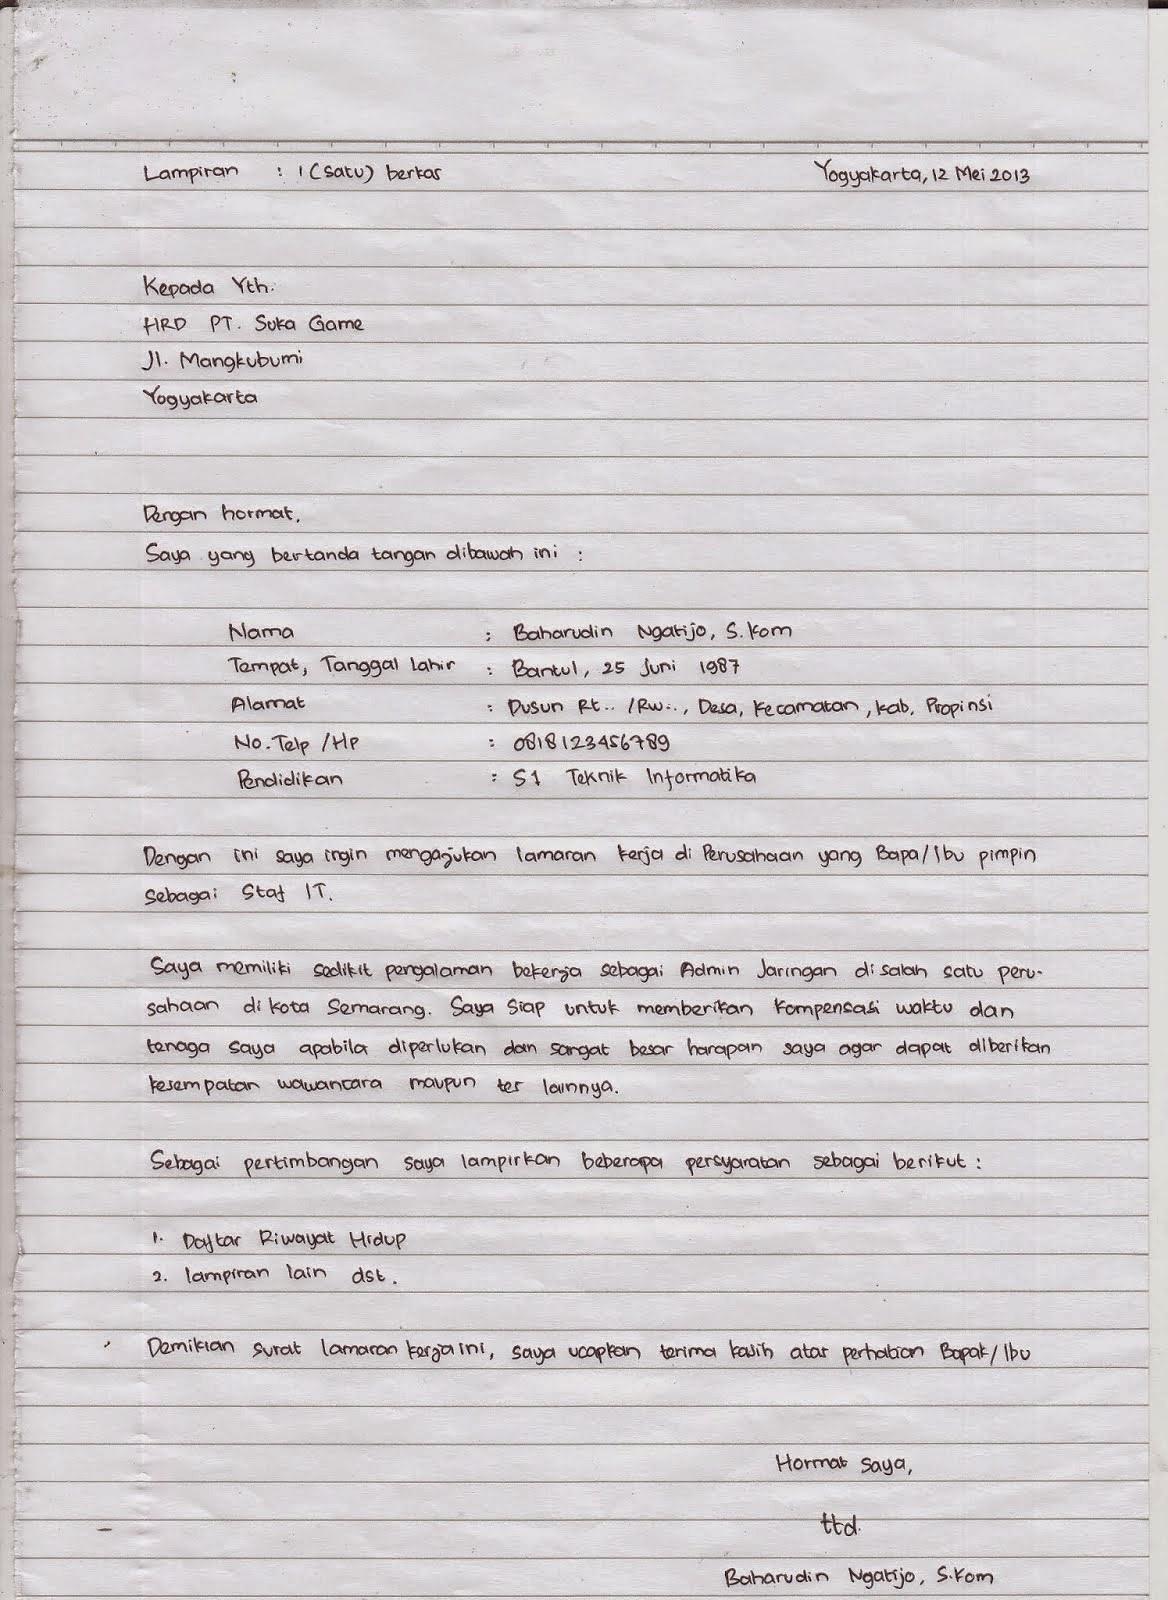 18 Contoh Surat Lamaran Kerja Terbaru Dan Lengkap Dengan Berbagai Jenisnya Mamikos Info